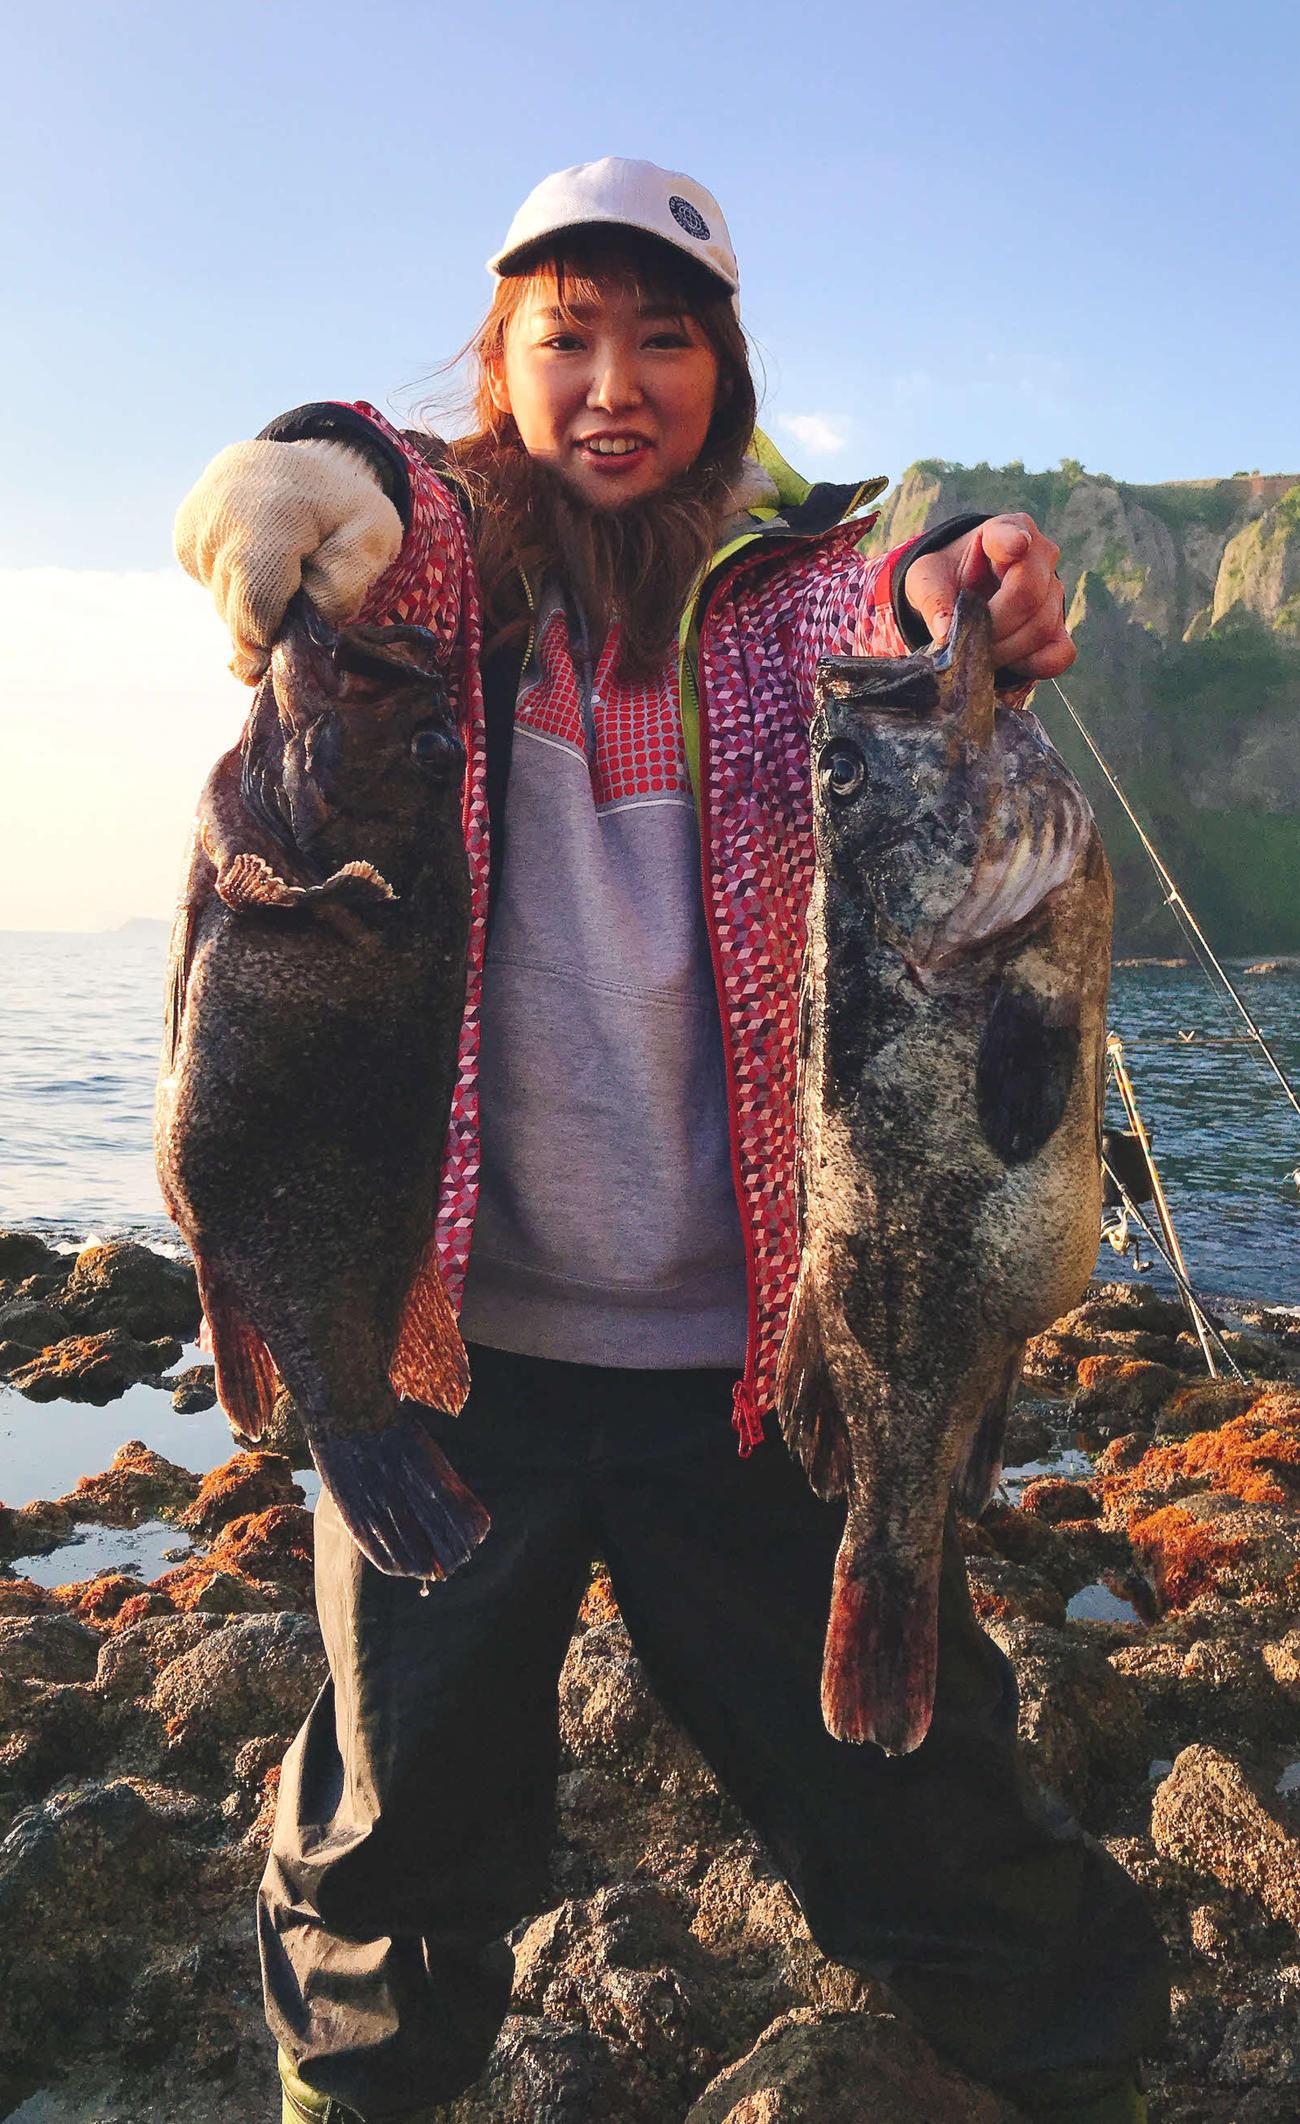 ソイやアブラコの大物を連発で釣り上げた沢田友梨恵さん